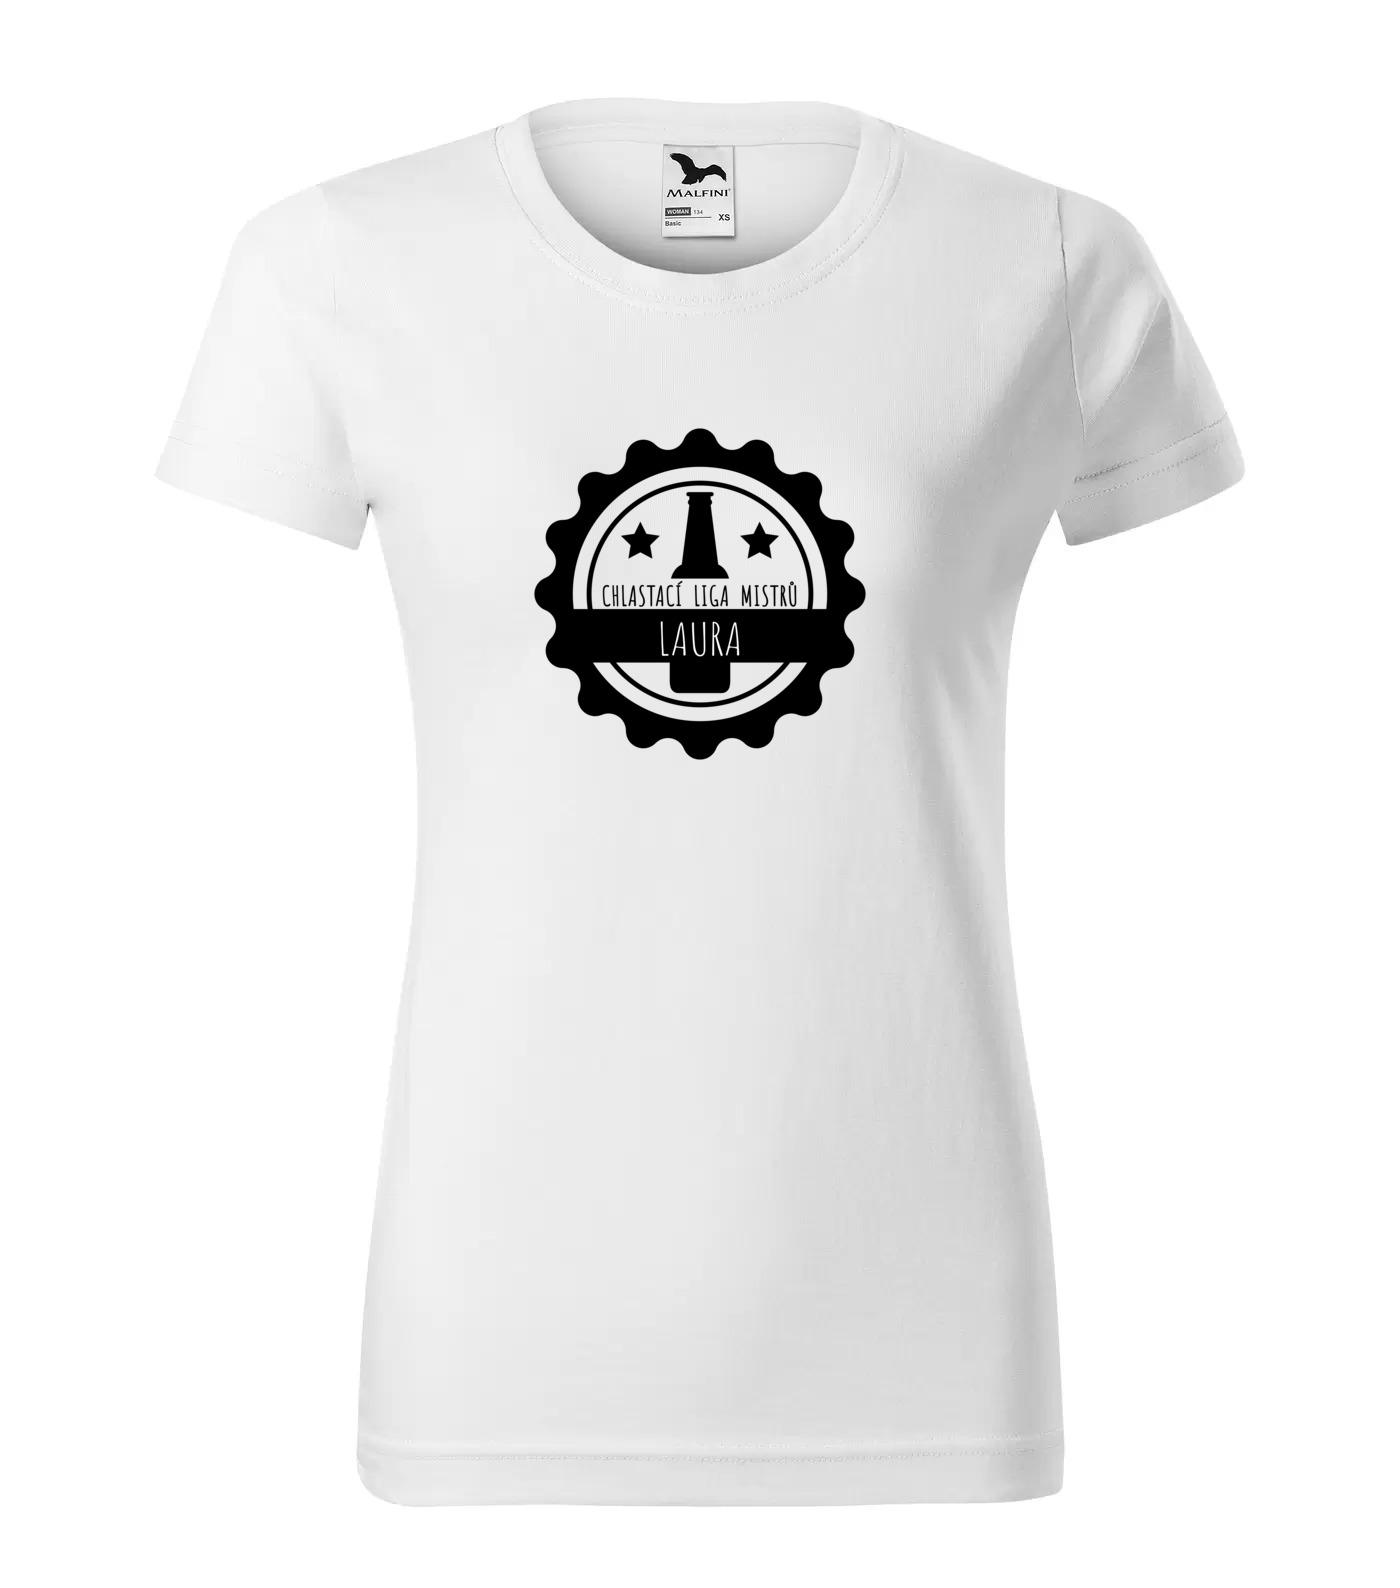 Tričko Chlastací liga žen Laura